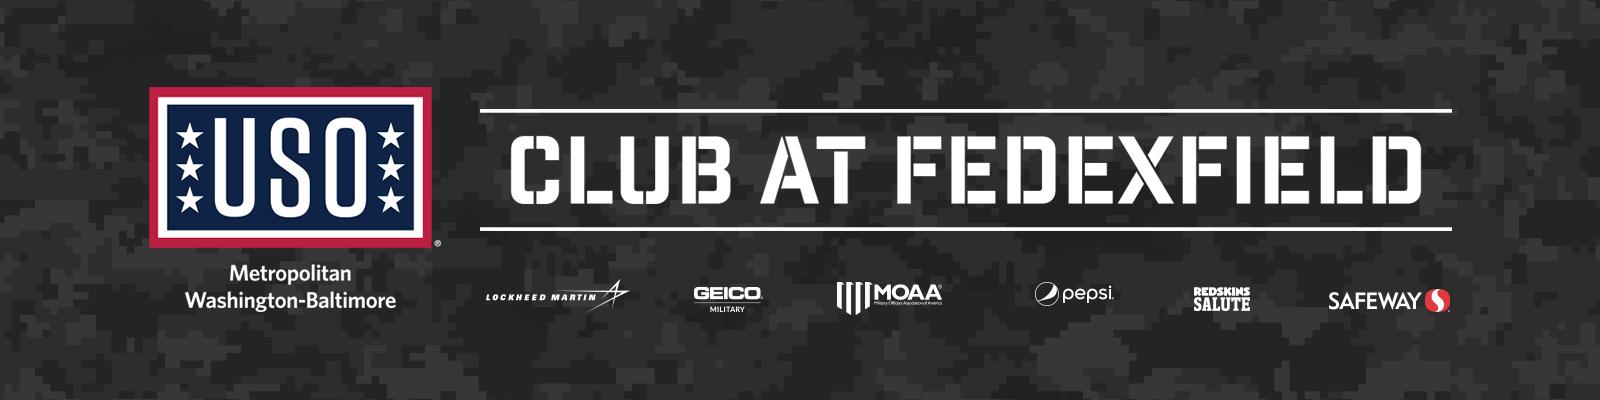 uso_club-header